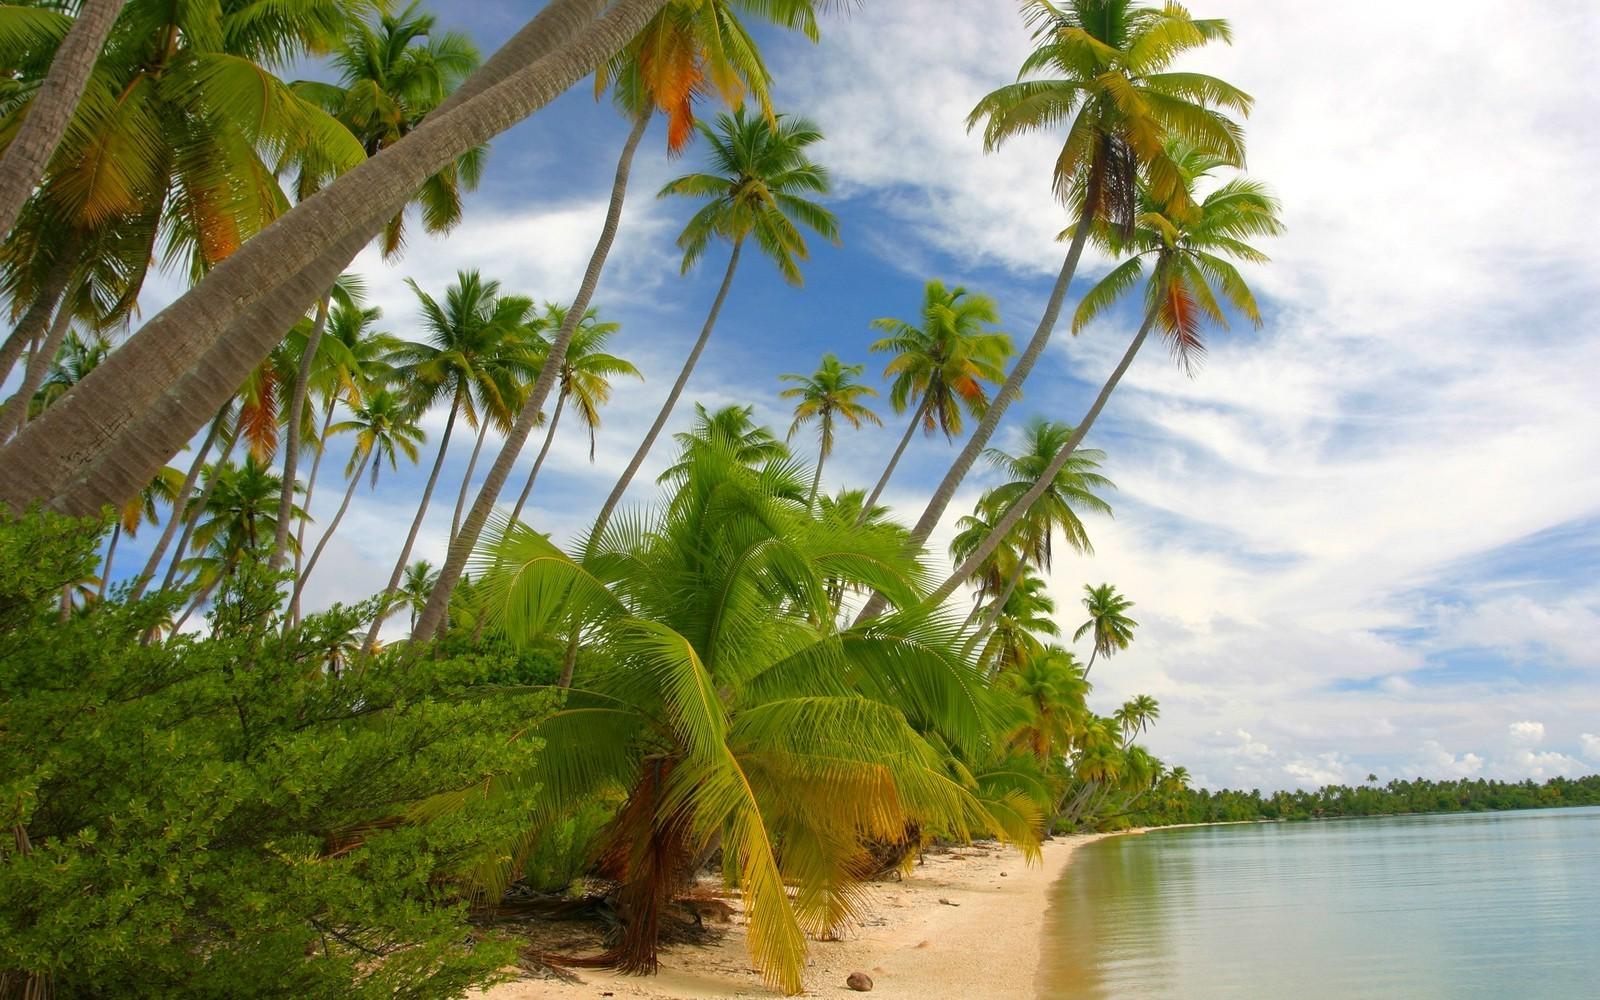 внимательно заполняется фото красивого леса с пальмами традиции